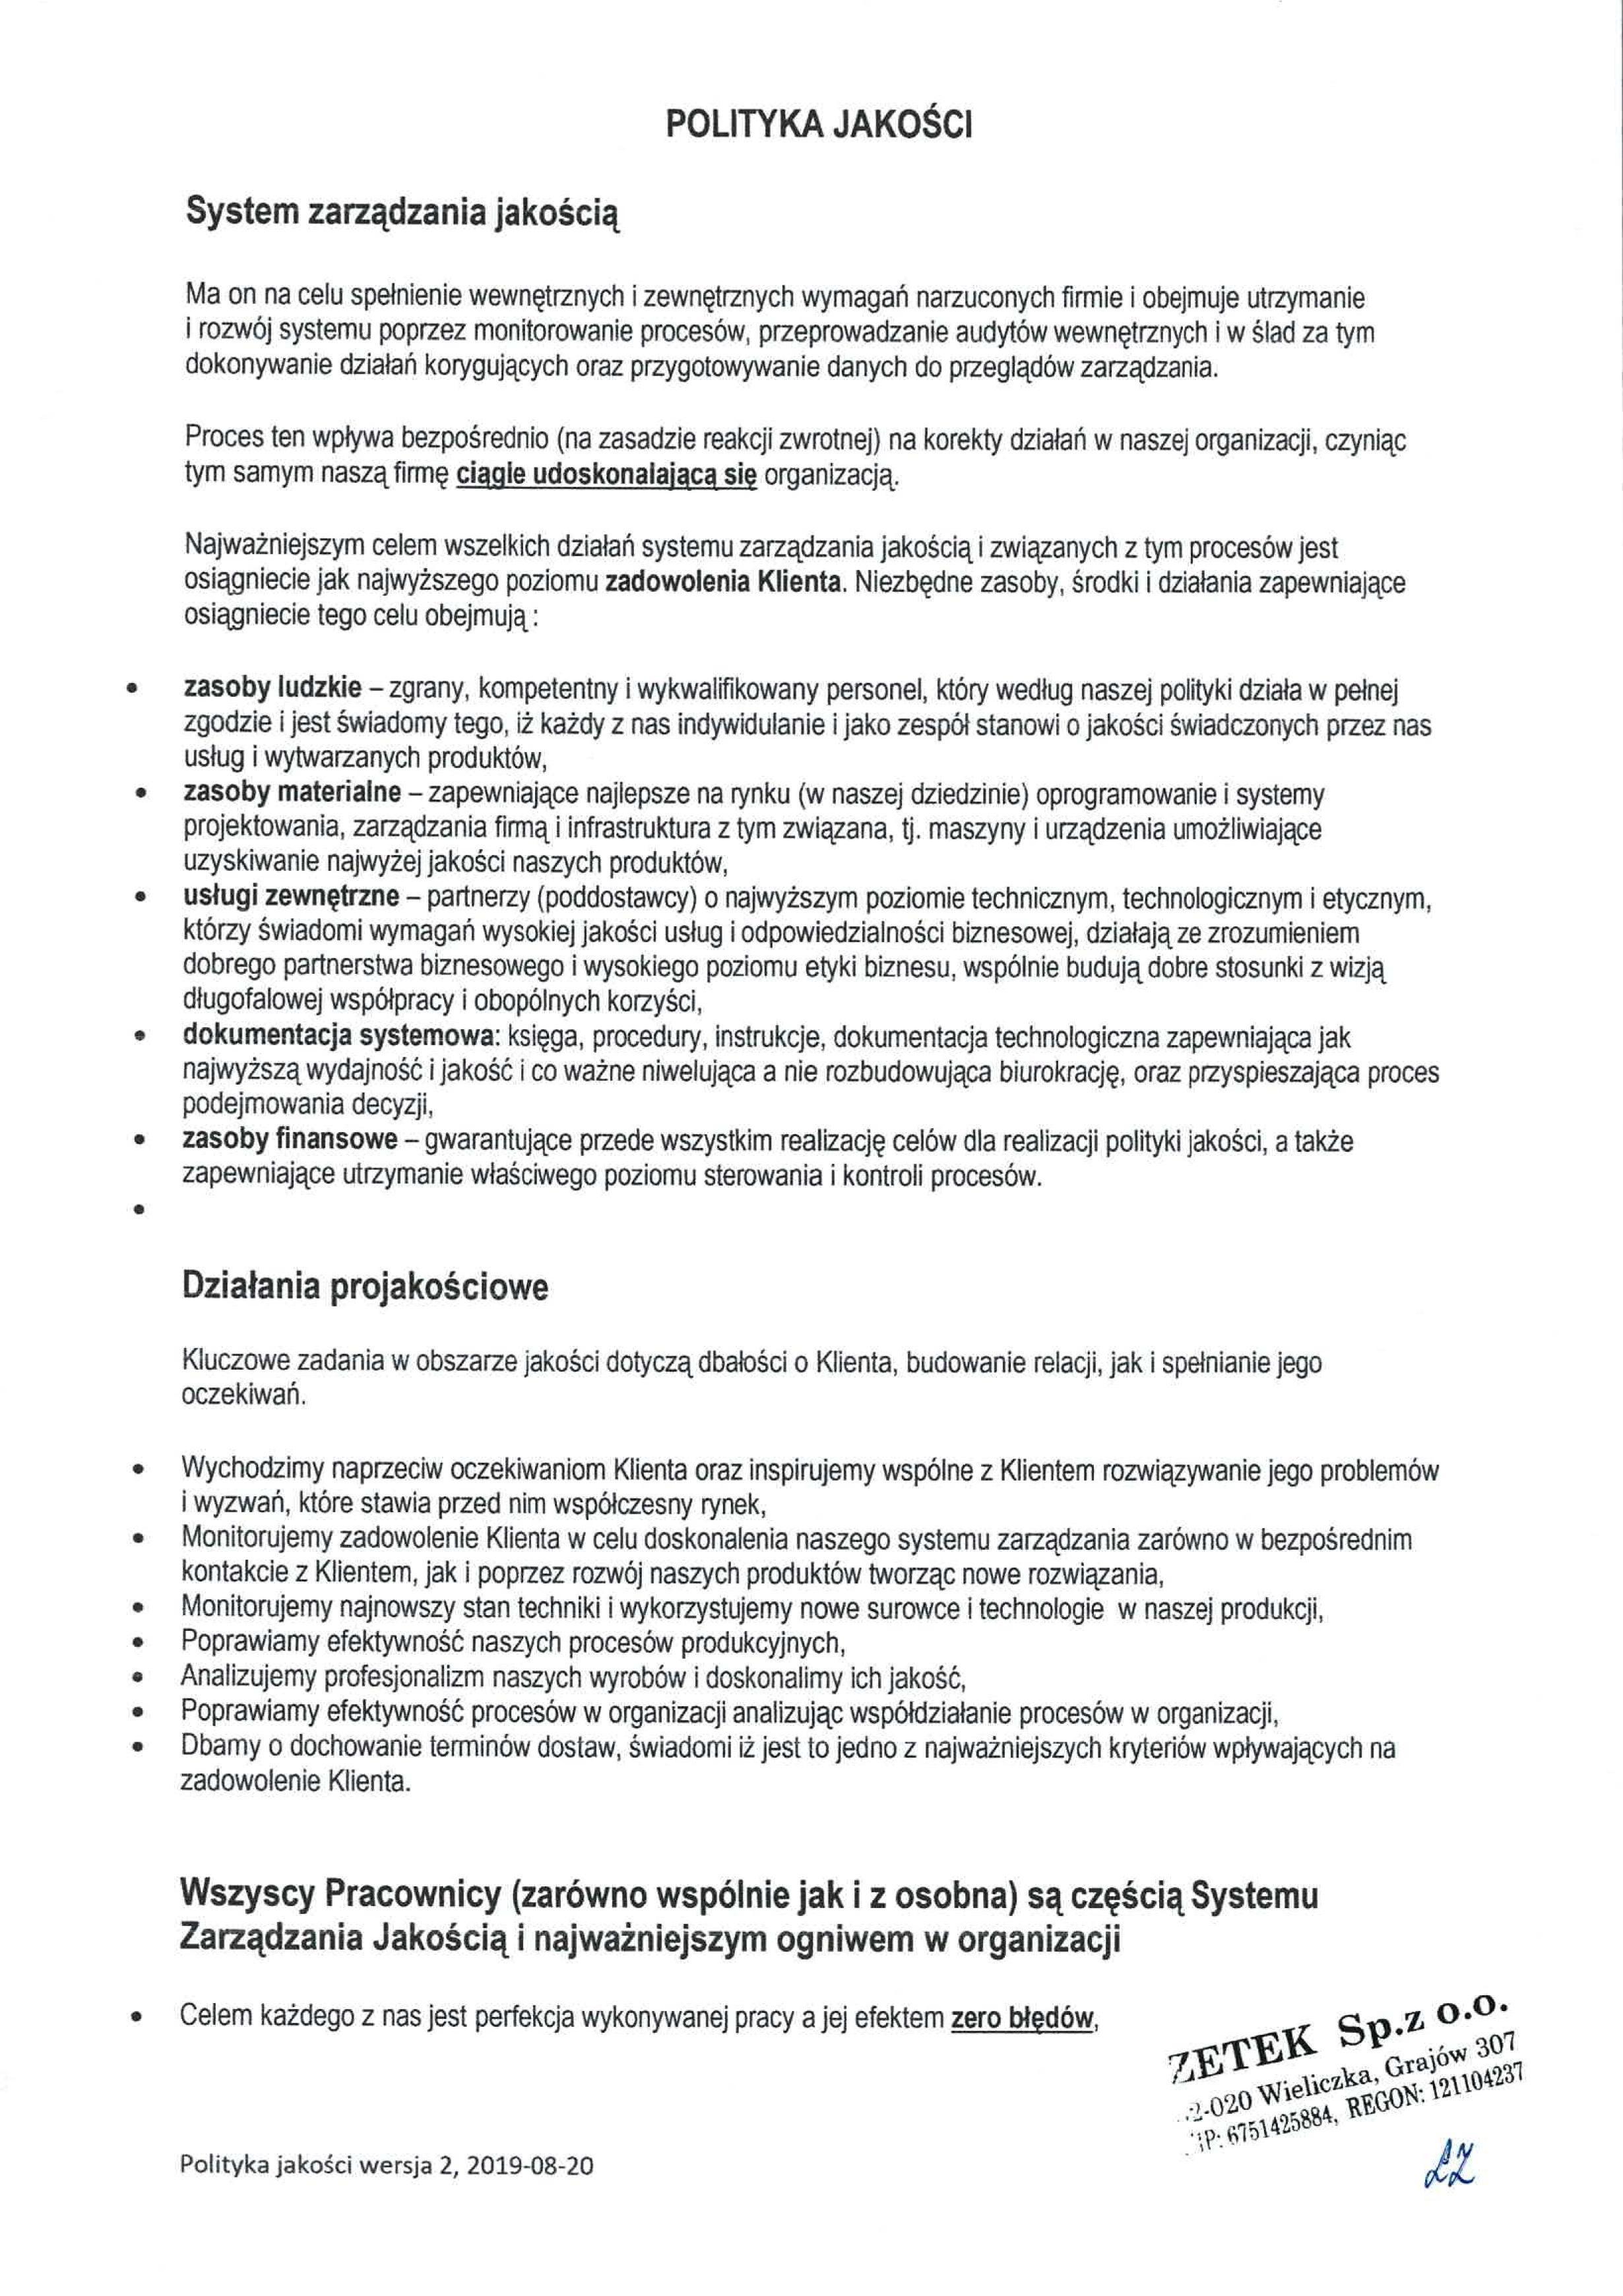 zetek_polityka_jakosci_p1